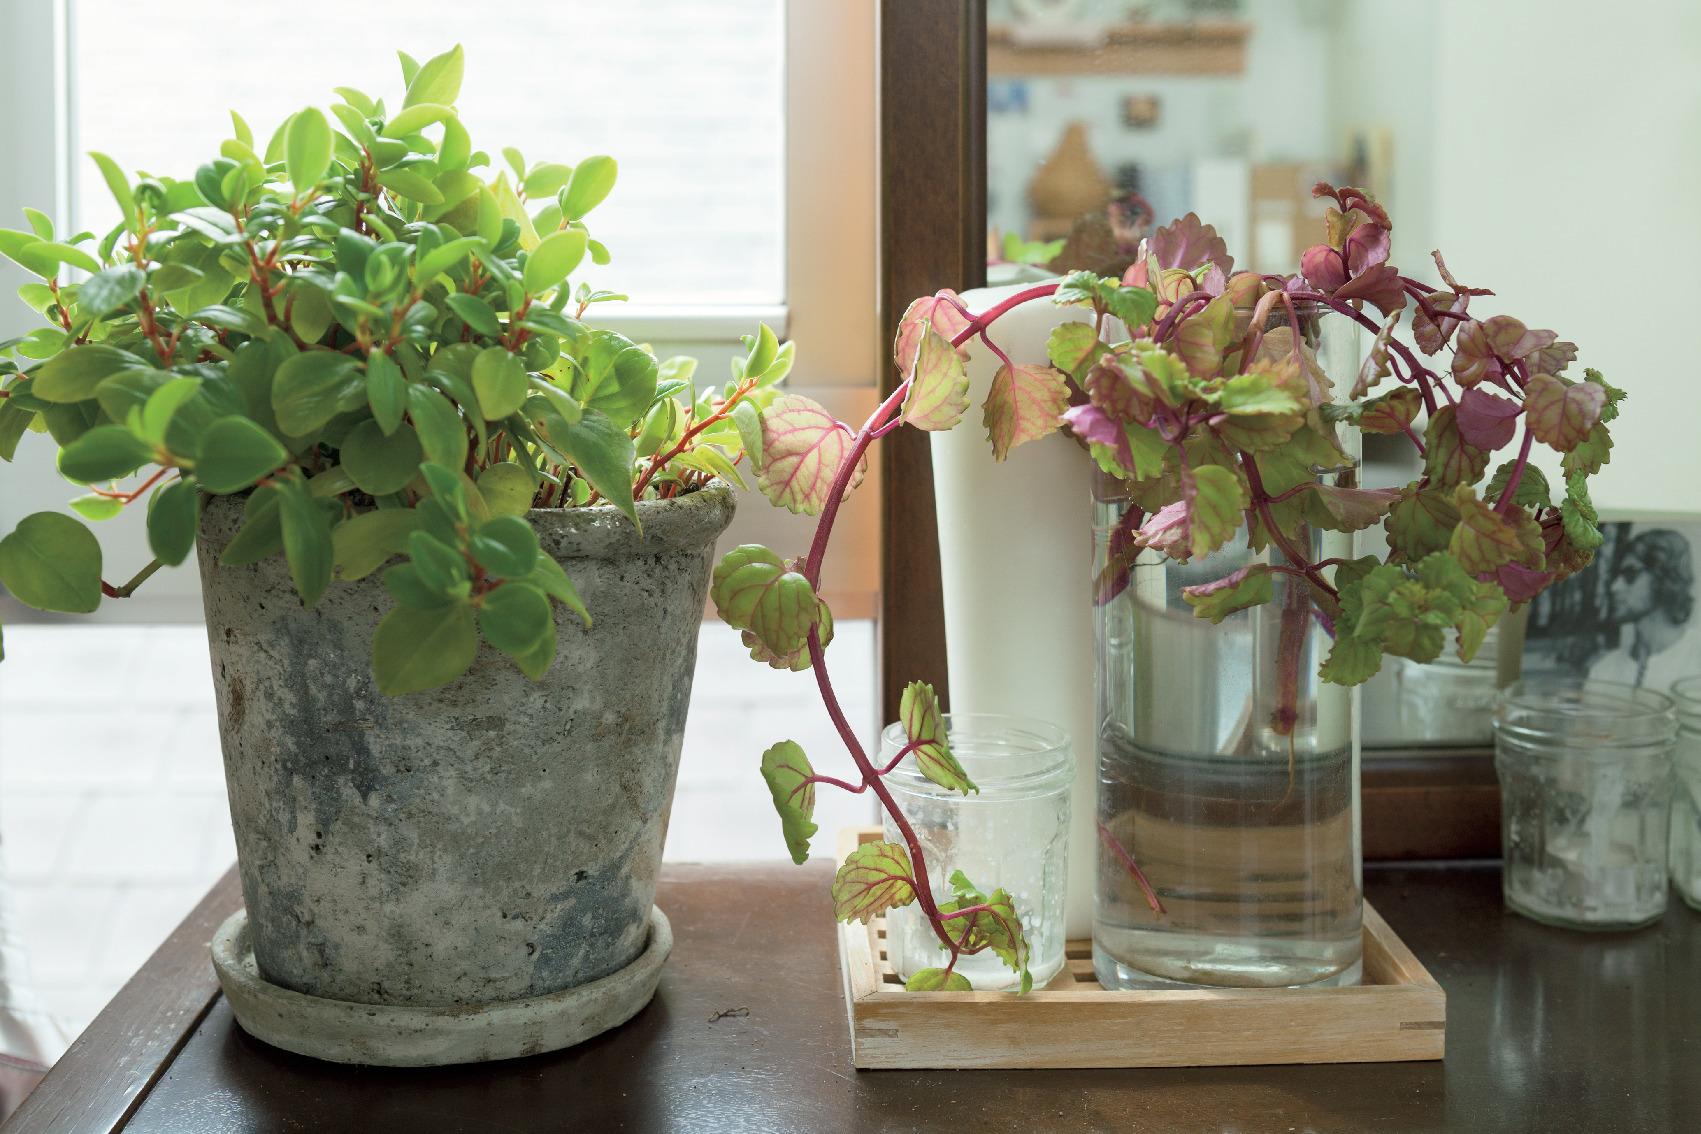 日々の生活を心地よく過ごすための室内グリーンの飾り方 五選_2_2